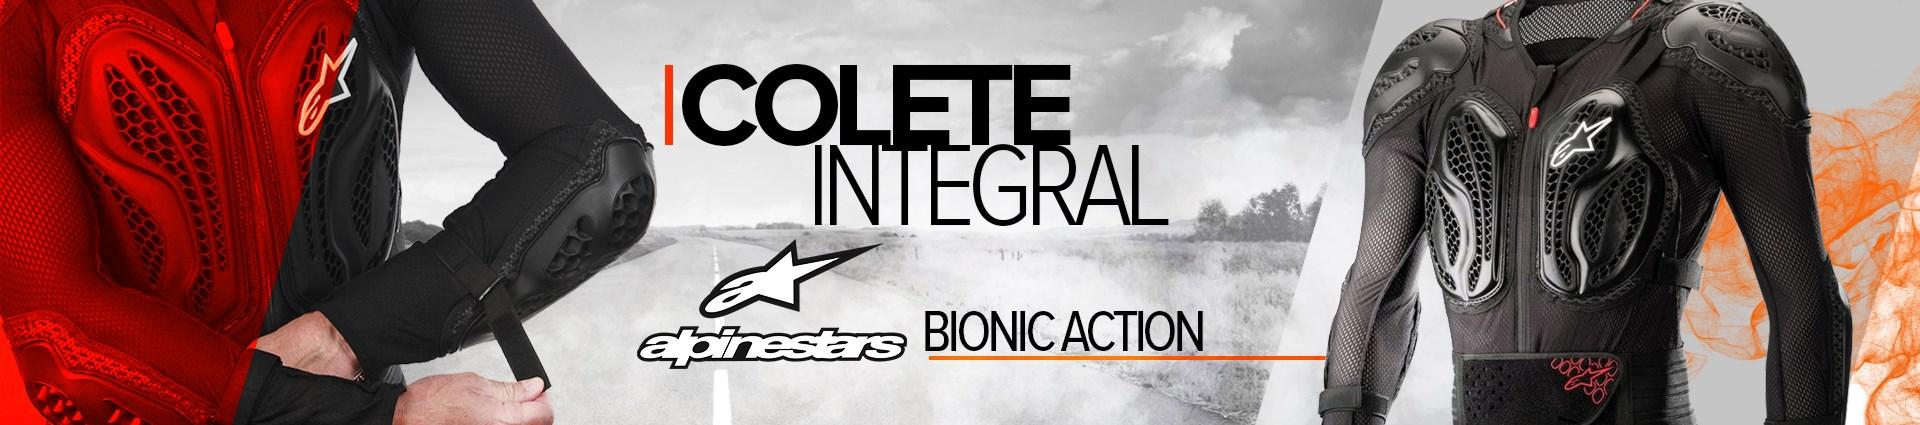 LP Proteções - Alpinestars - Colete Bionic Action